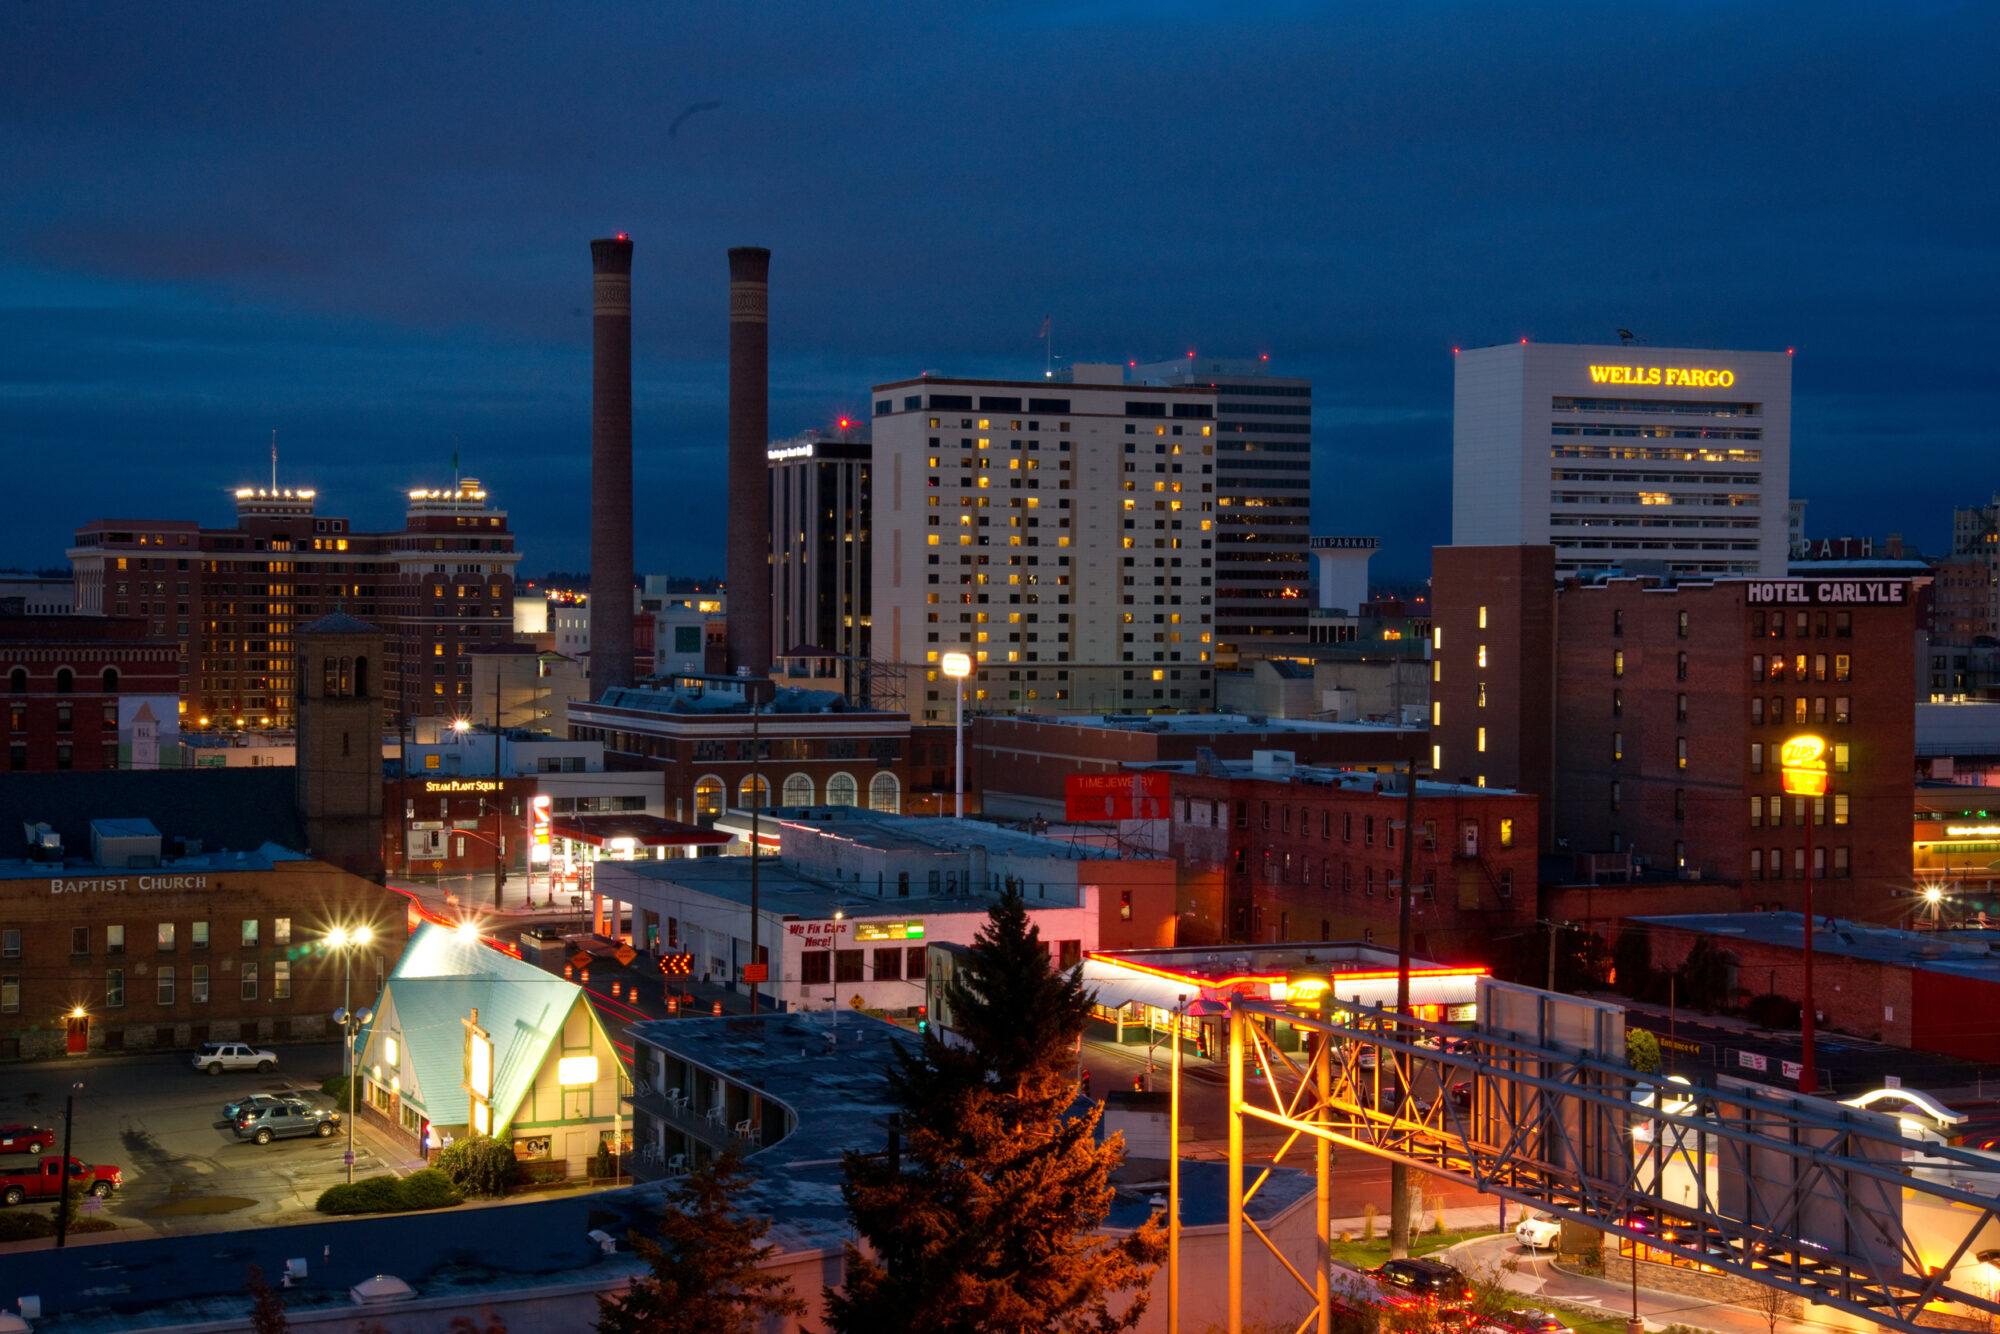 Downtown Spokane at Night with Smokestacks